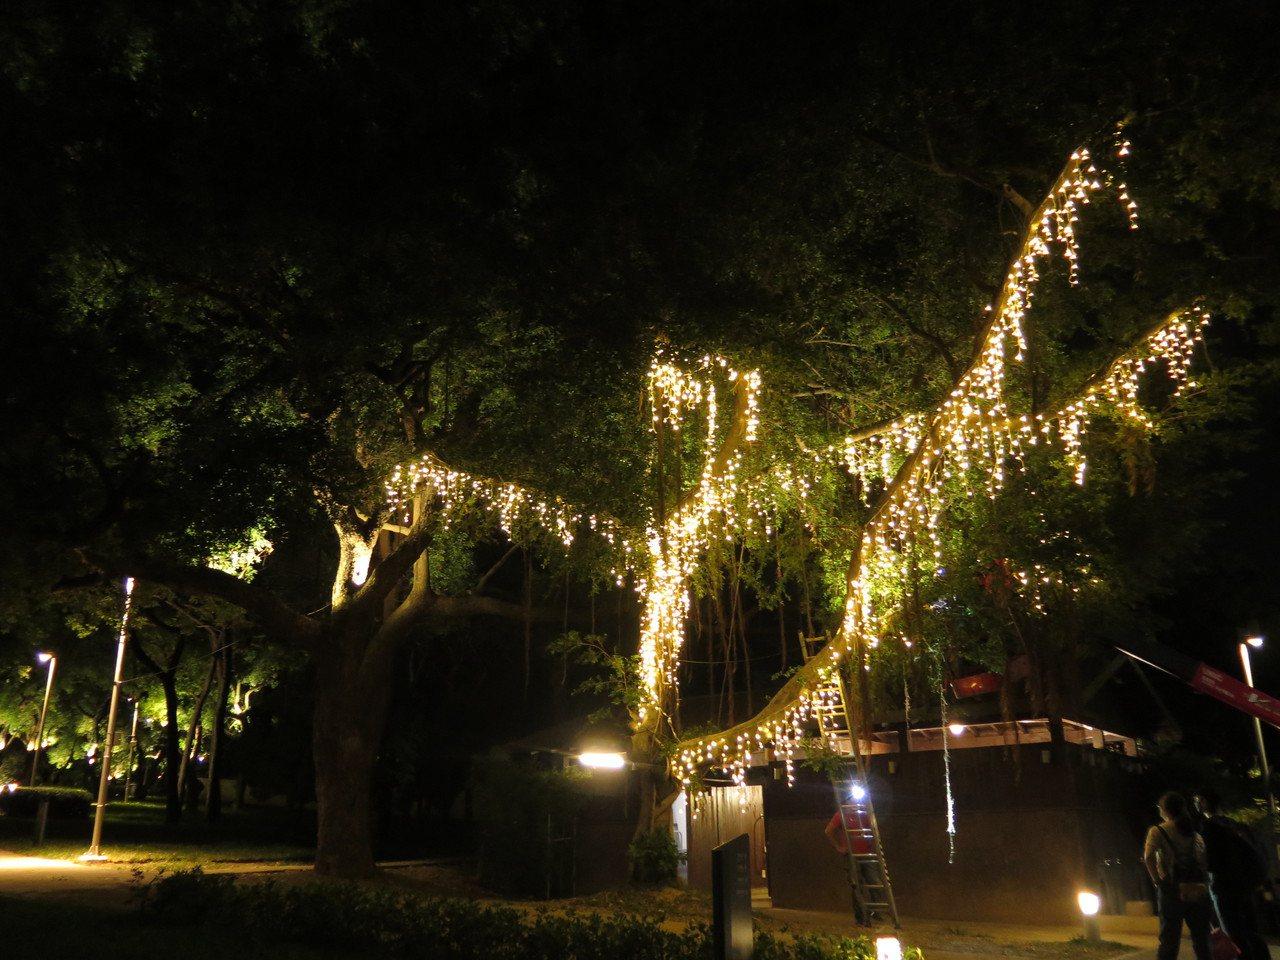 新竹公園的光臨藝術節展品與燈飾不少,增添繽紛夜色。 圖/張裕珍 攝影